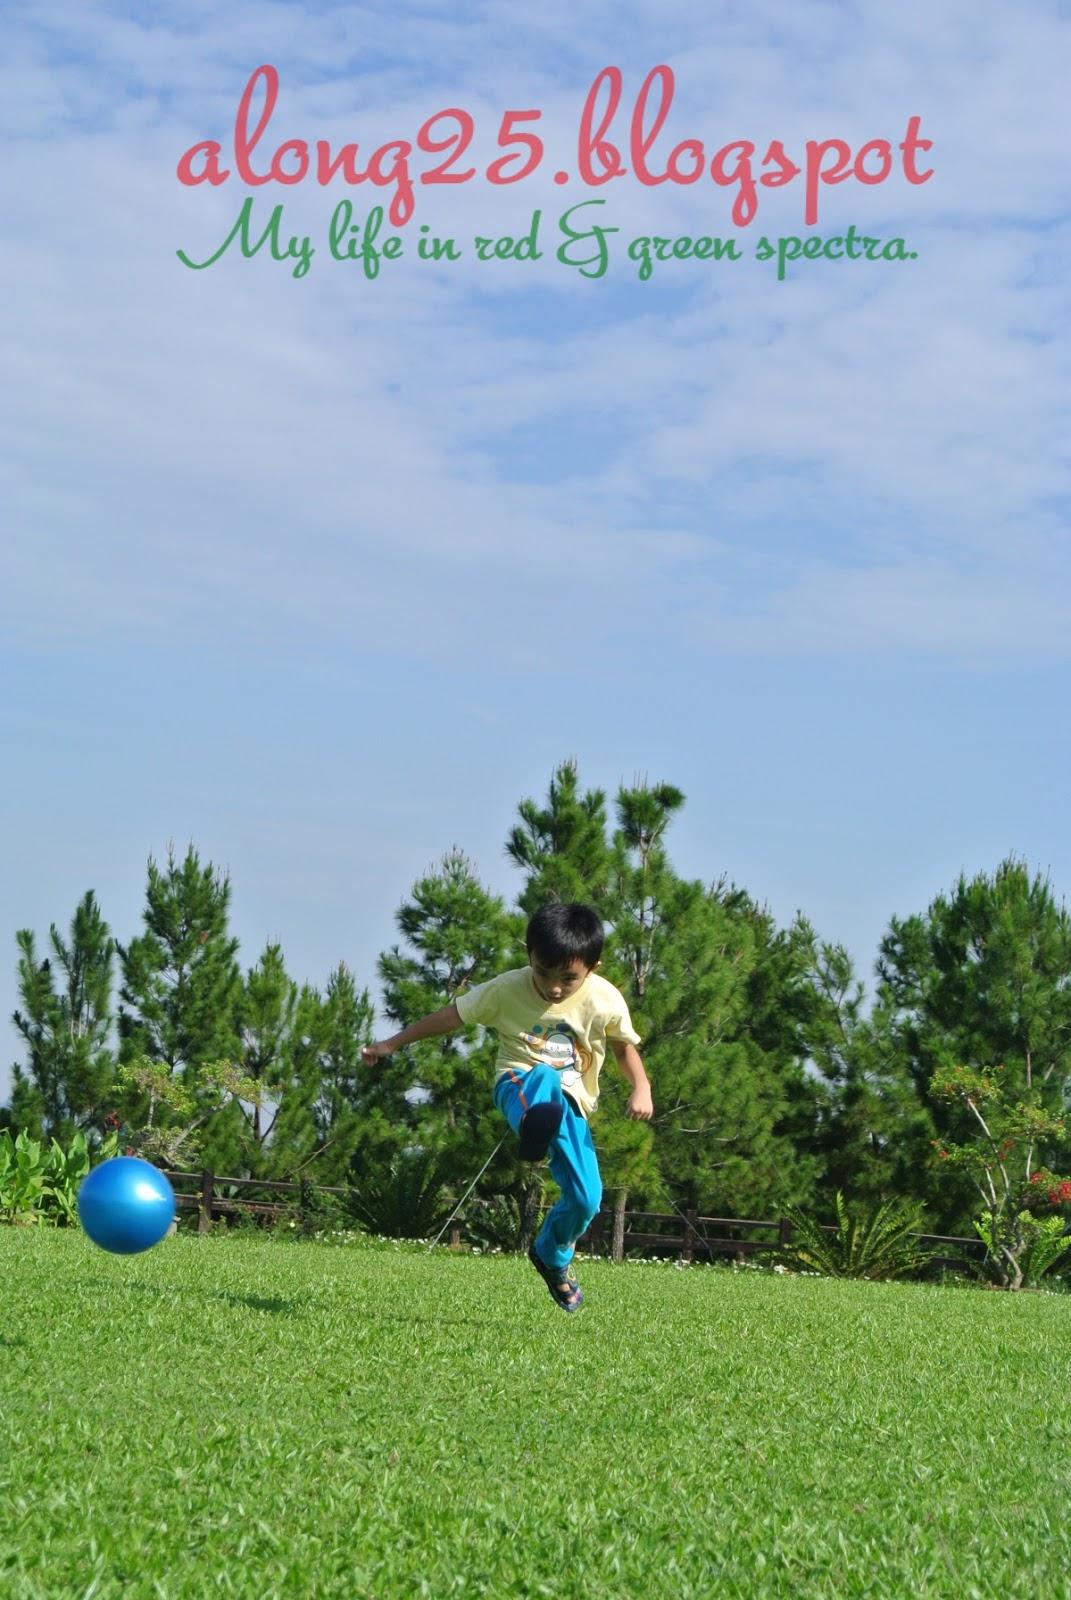 blog along25, along25, taman saujana hijau, bola sepak